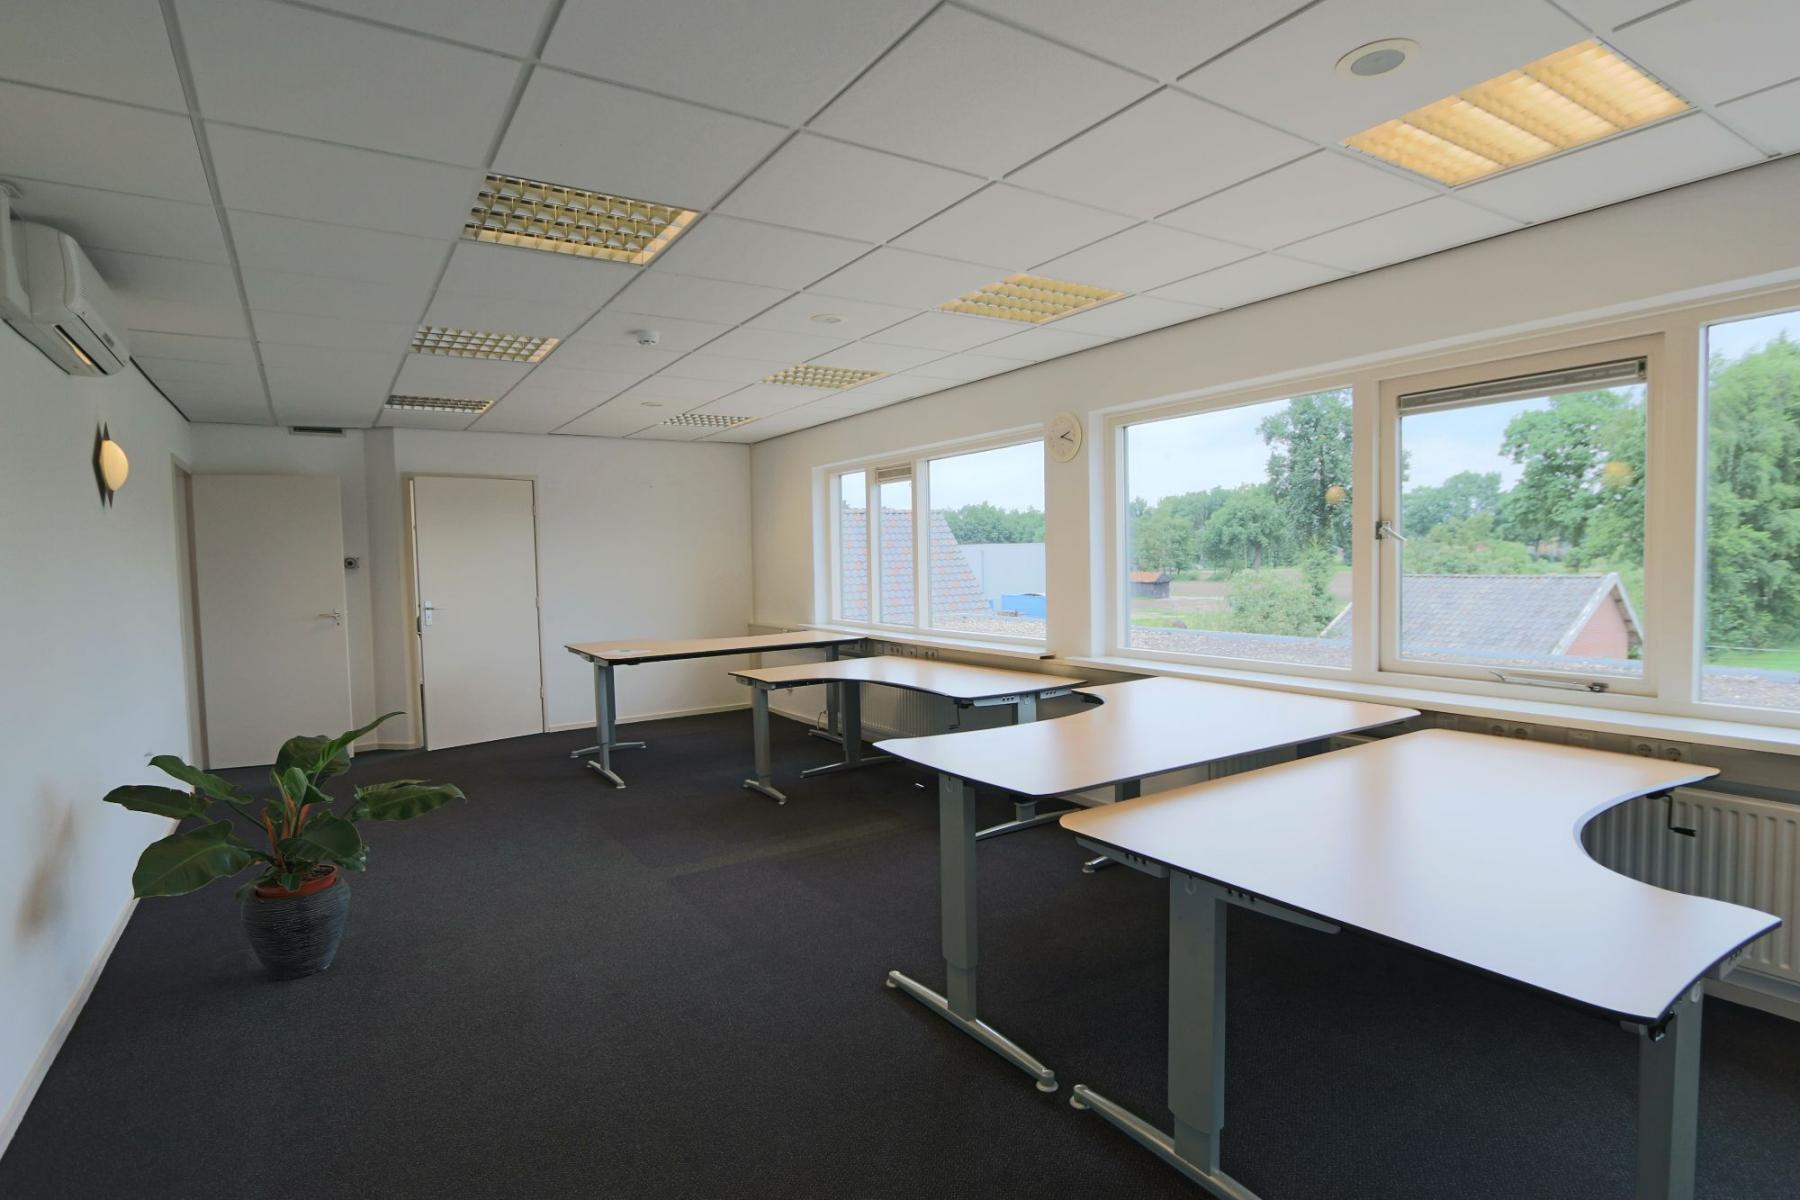 kantoorruimte kantoorkamer kantoorpand kantoorgebouw Hengevelde